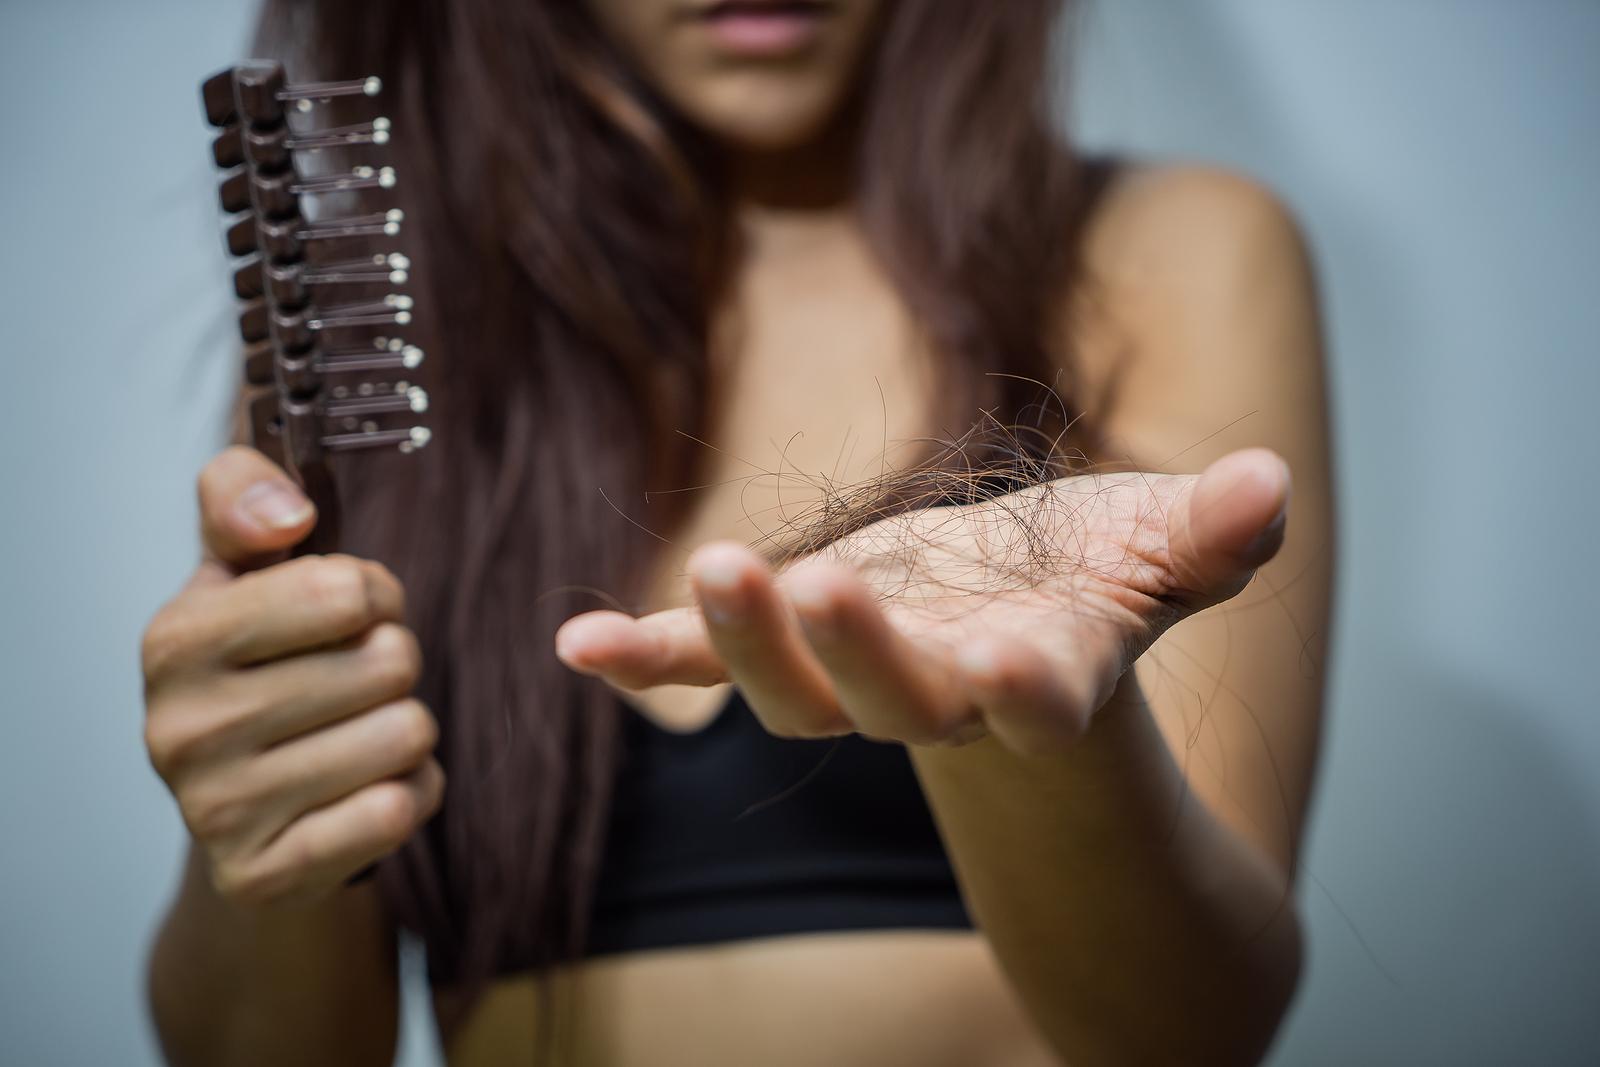 Fallen die transplantierten Haare aus, handelt es sich um einen natürlichen Prozess